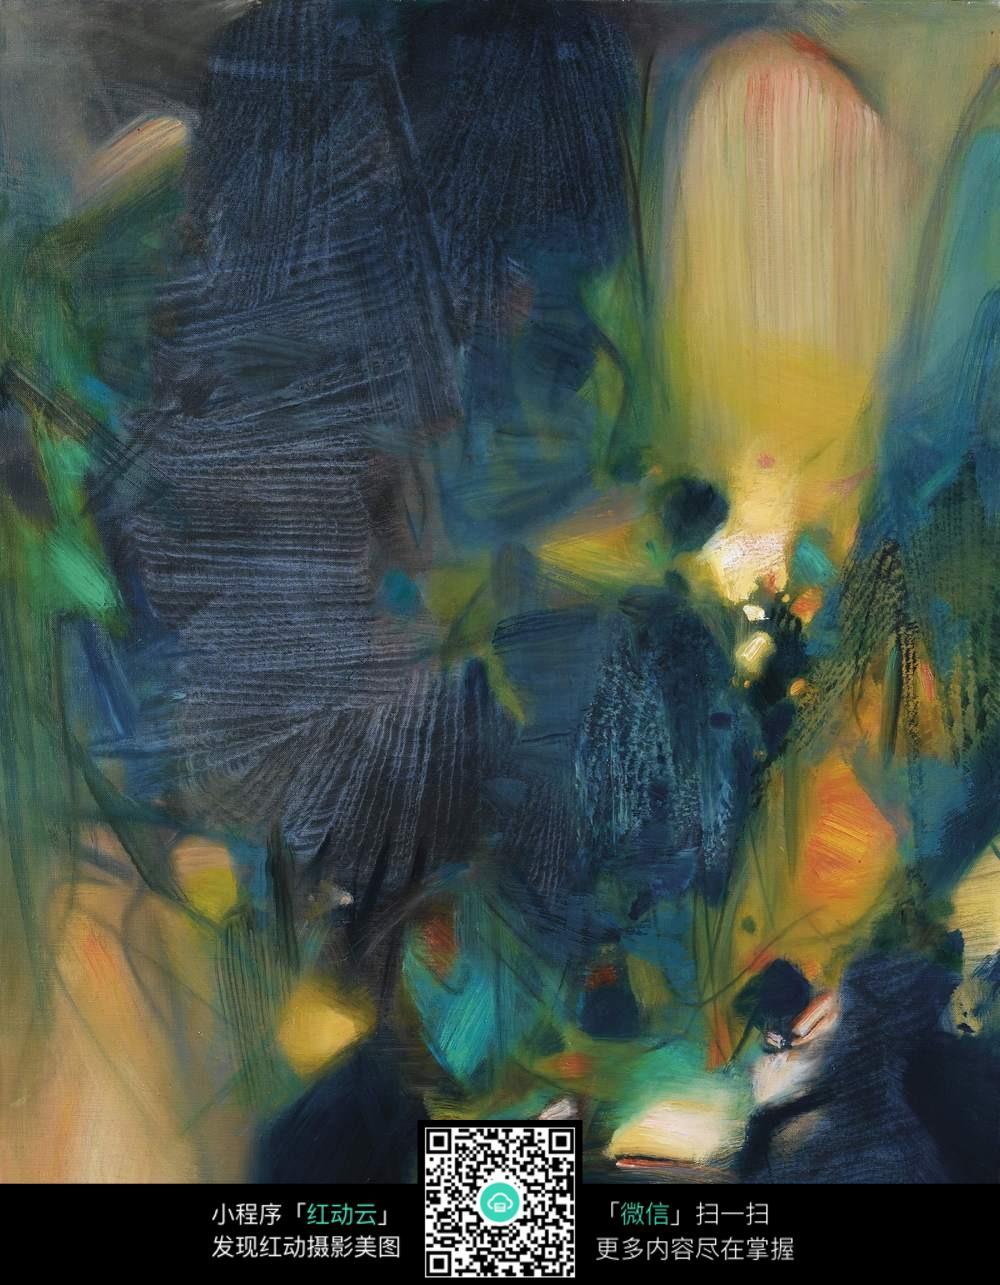 蓝色主调抽象水彩画图片